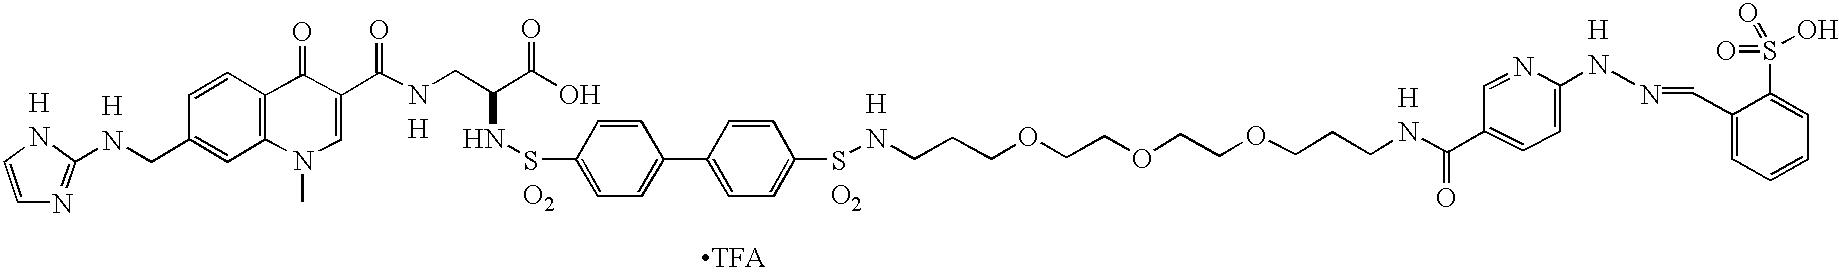 Figure US06683163-20040127-C00044